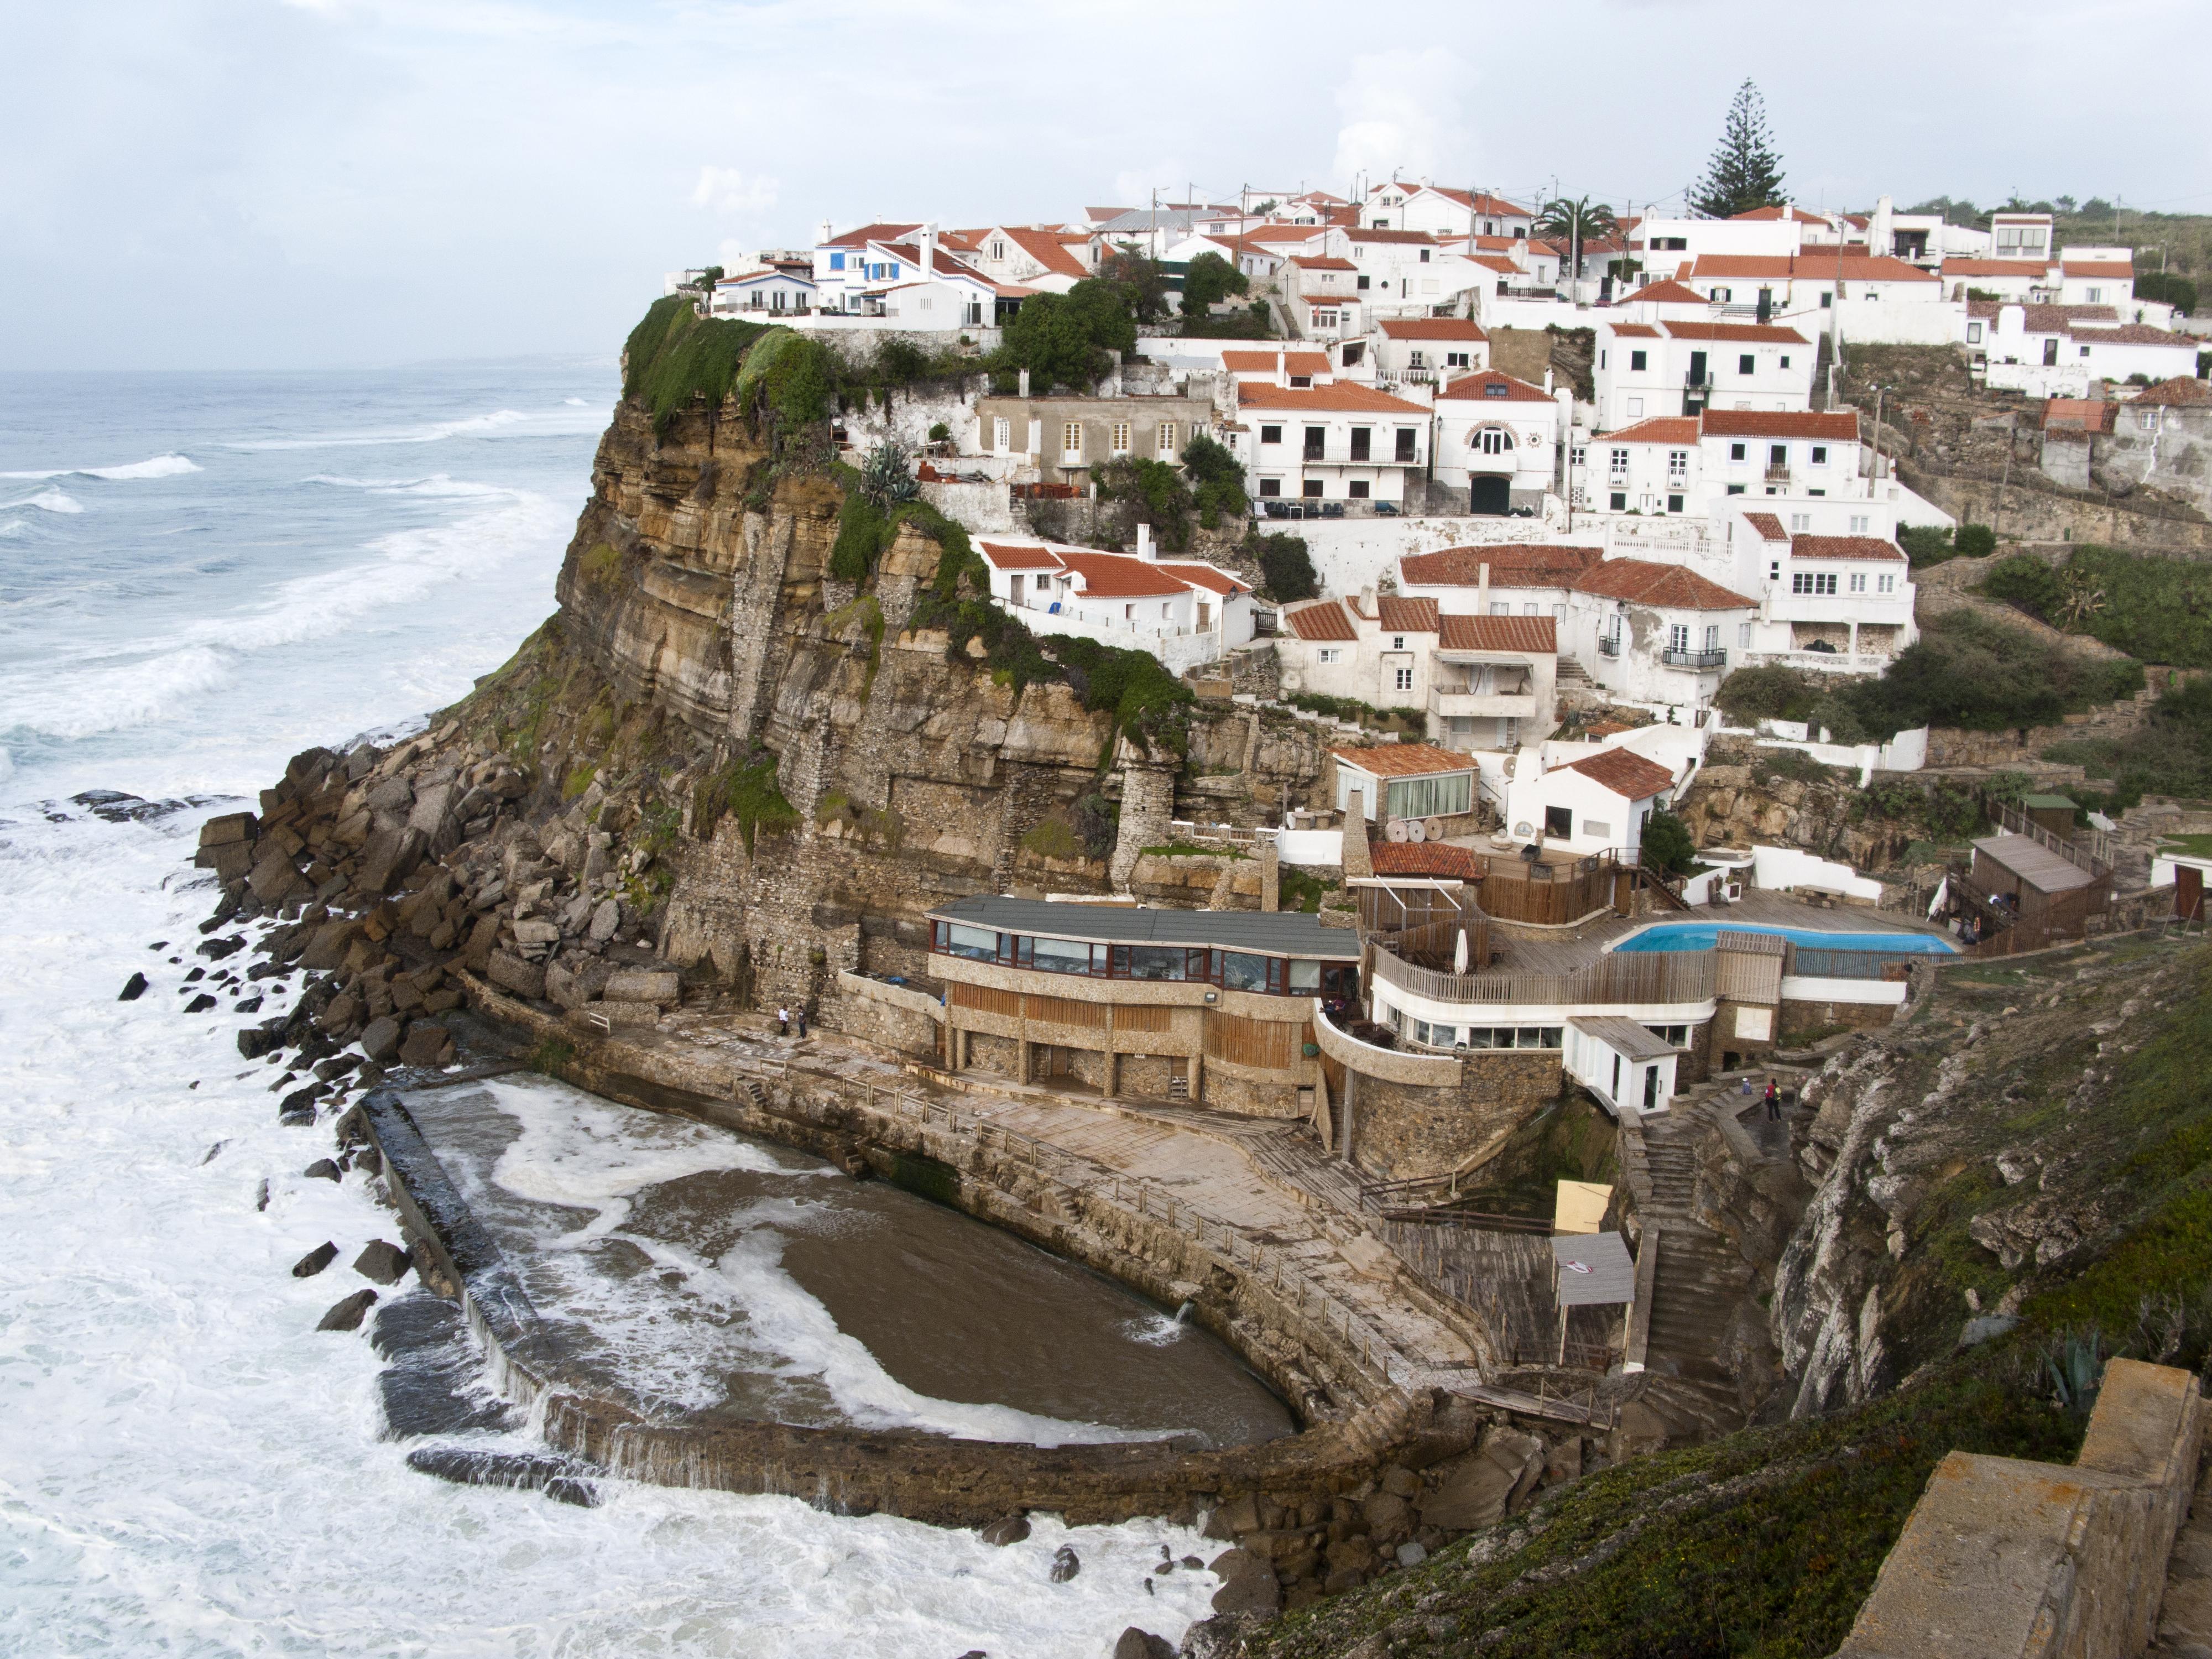 Ristorante Lisbona Oceano Azenhas 2